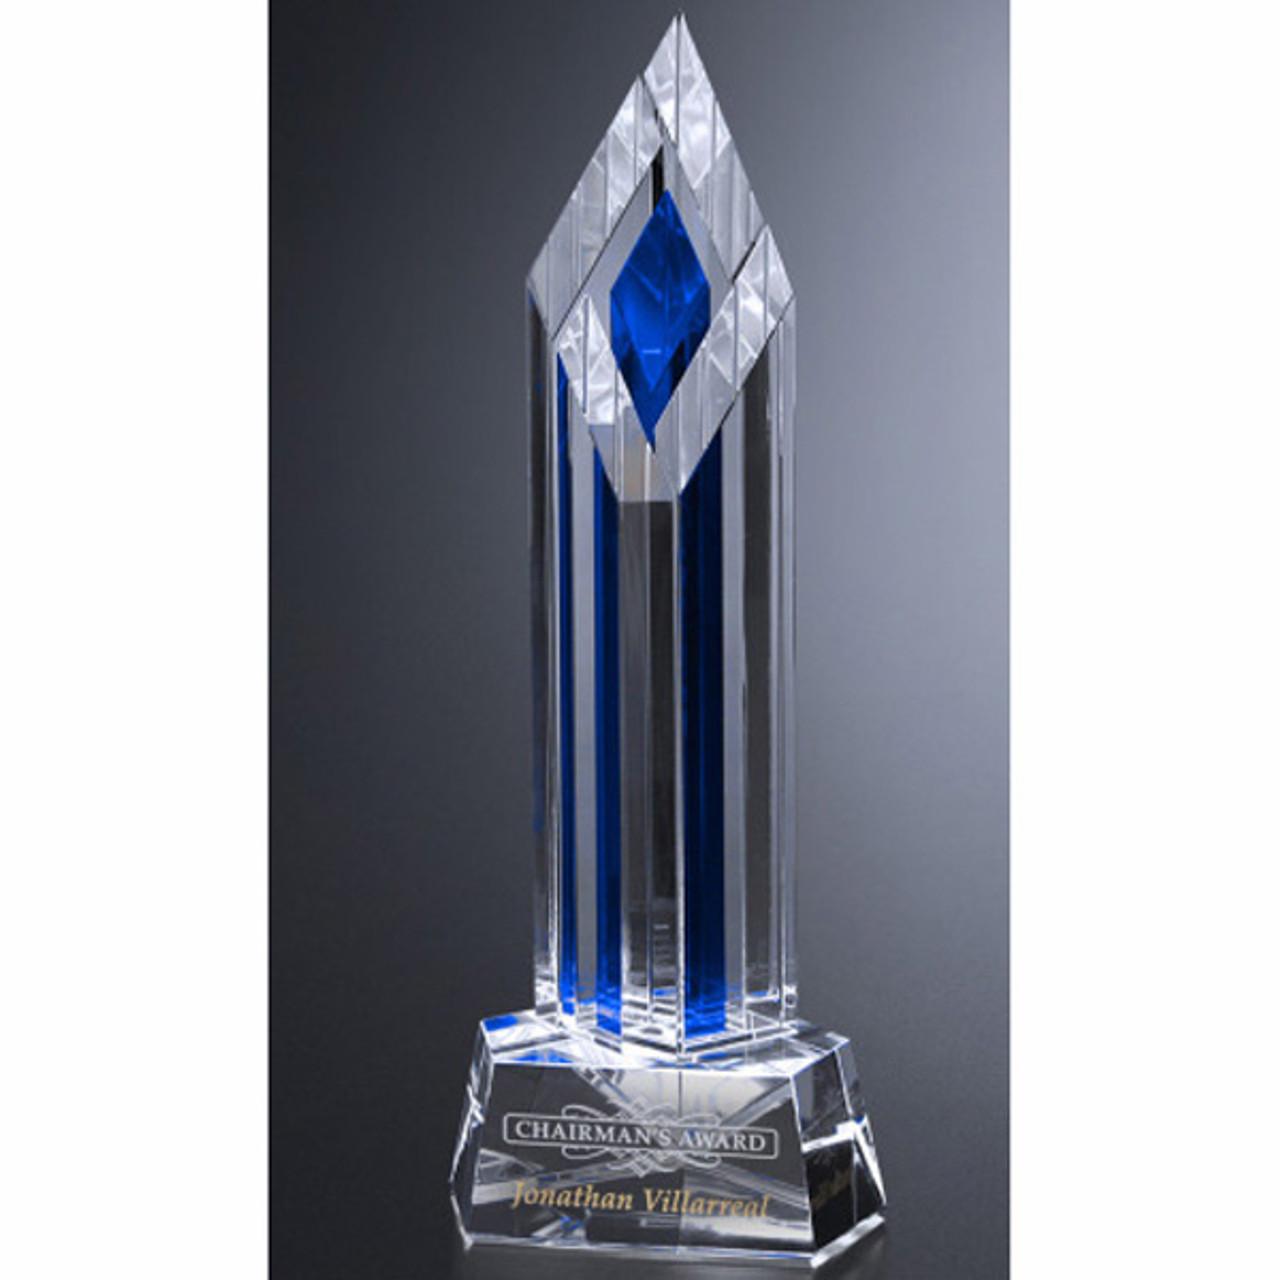 Halifax Blue Crystal Award